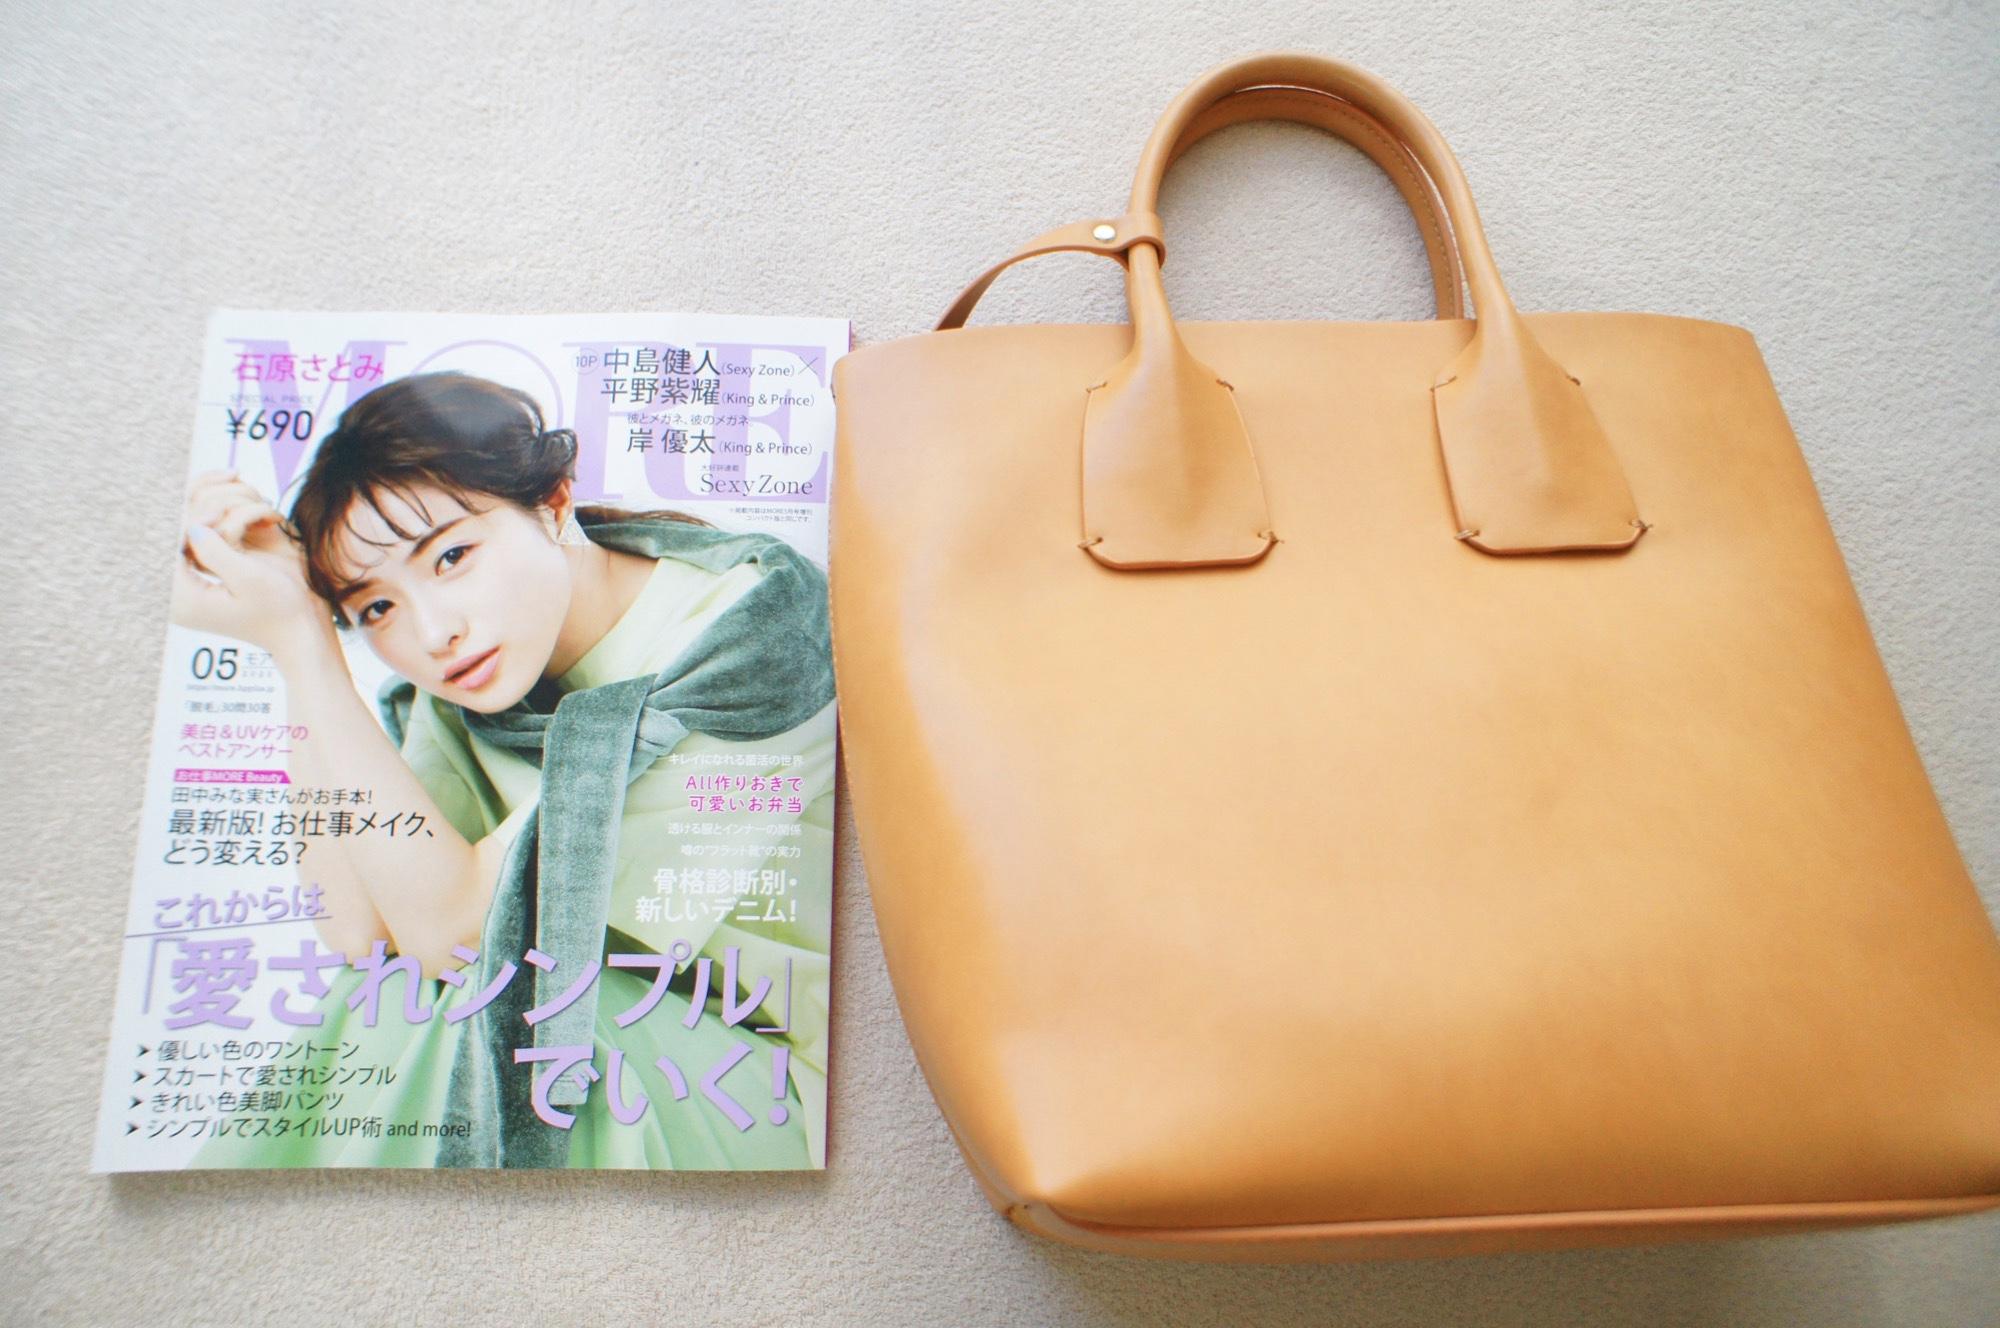 《#ザラジョ 必見❤️》【ZARA】のsaleで購入した2WAYトートバッグが優秀すぎる☻!_2